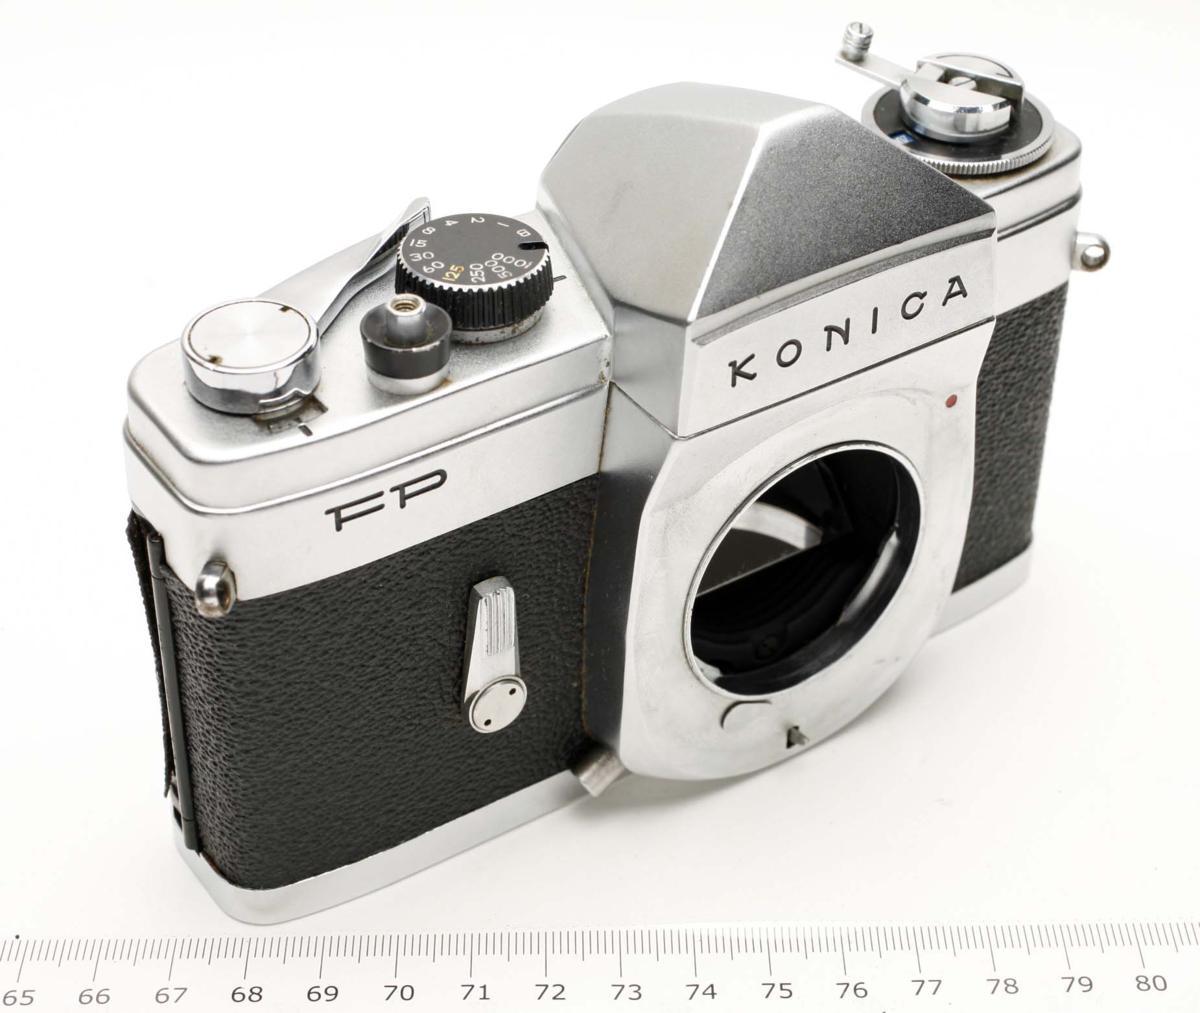 ※ Fマウント コニカ FP ヘキサノン 50mm f1.8 Konica Hexanon h1914_画像2